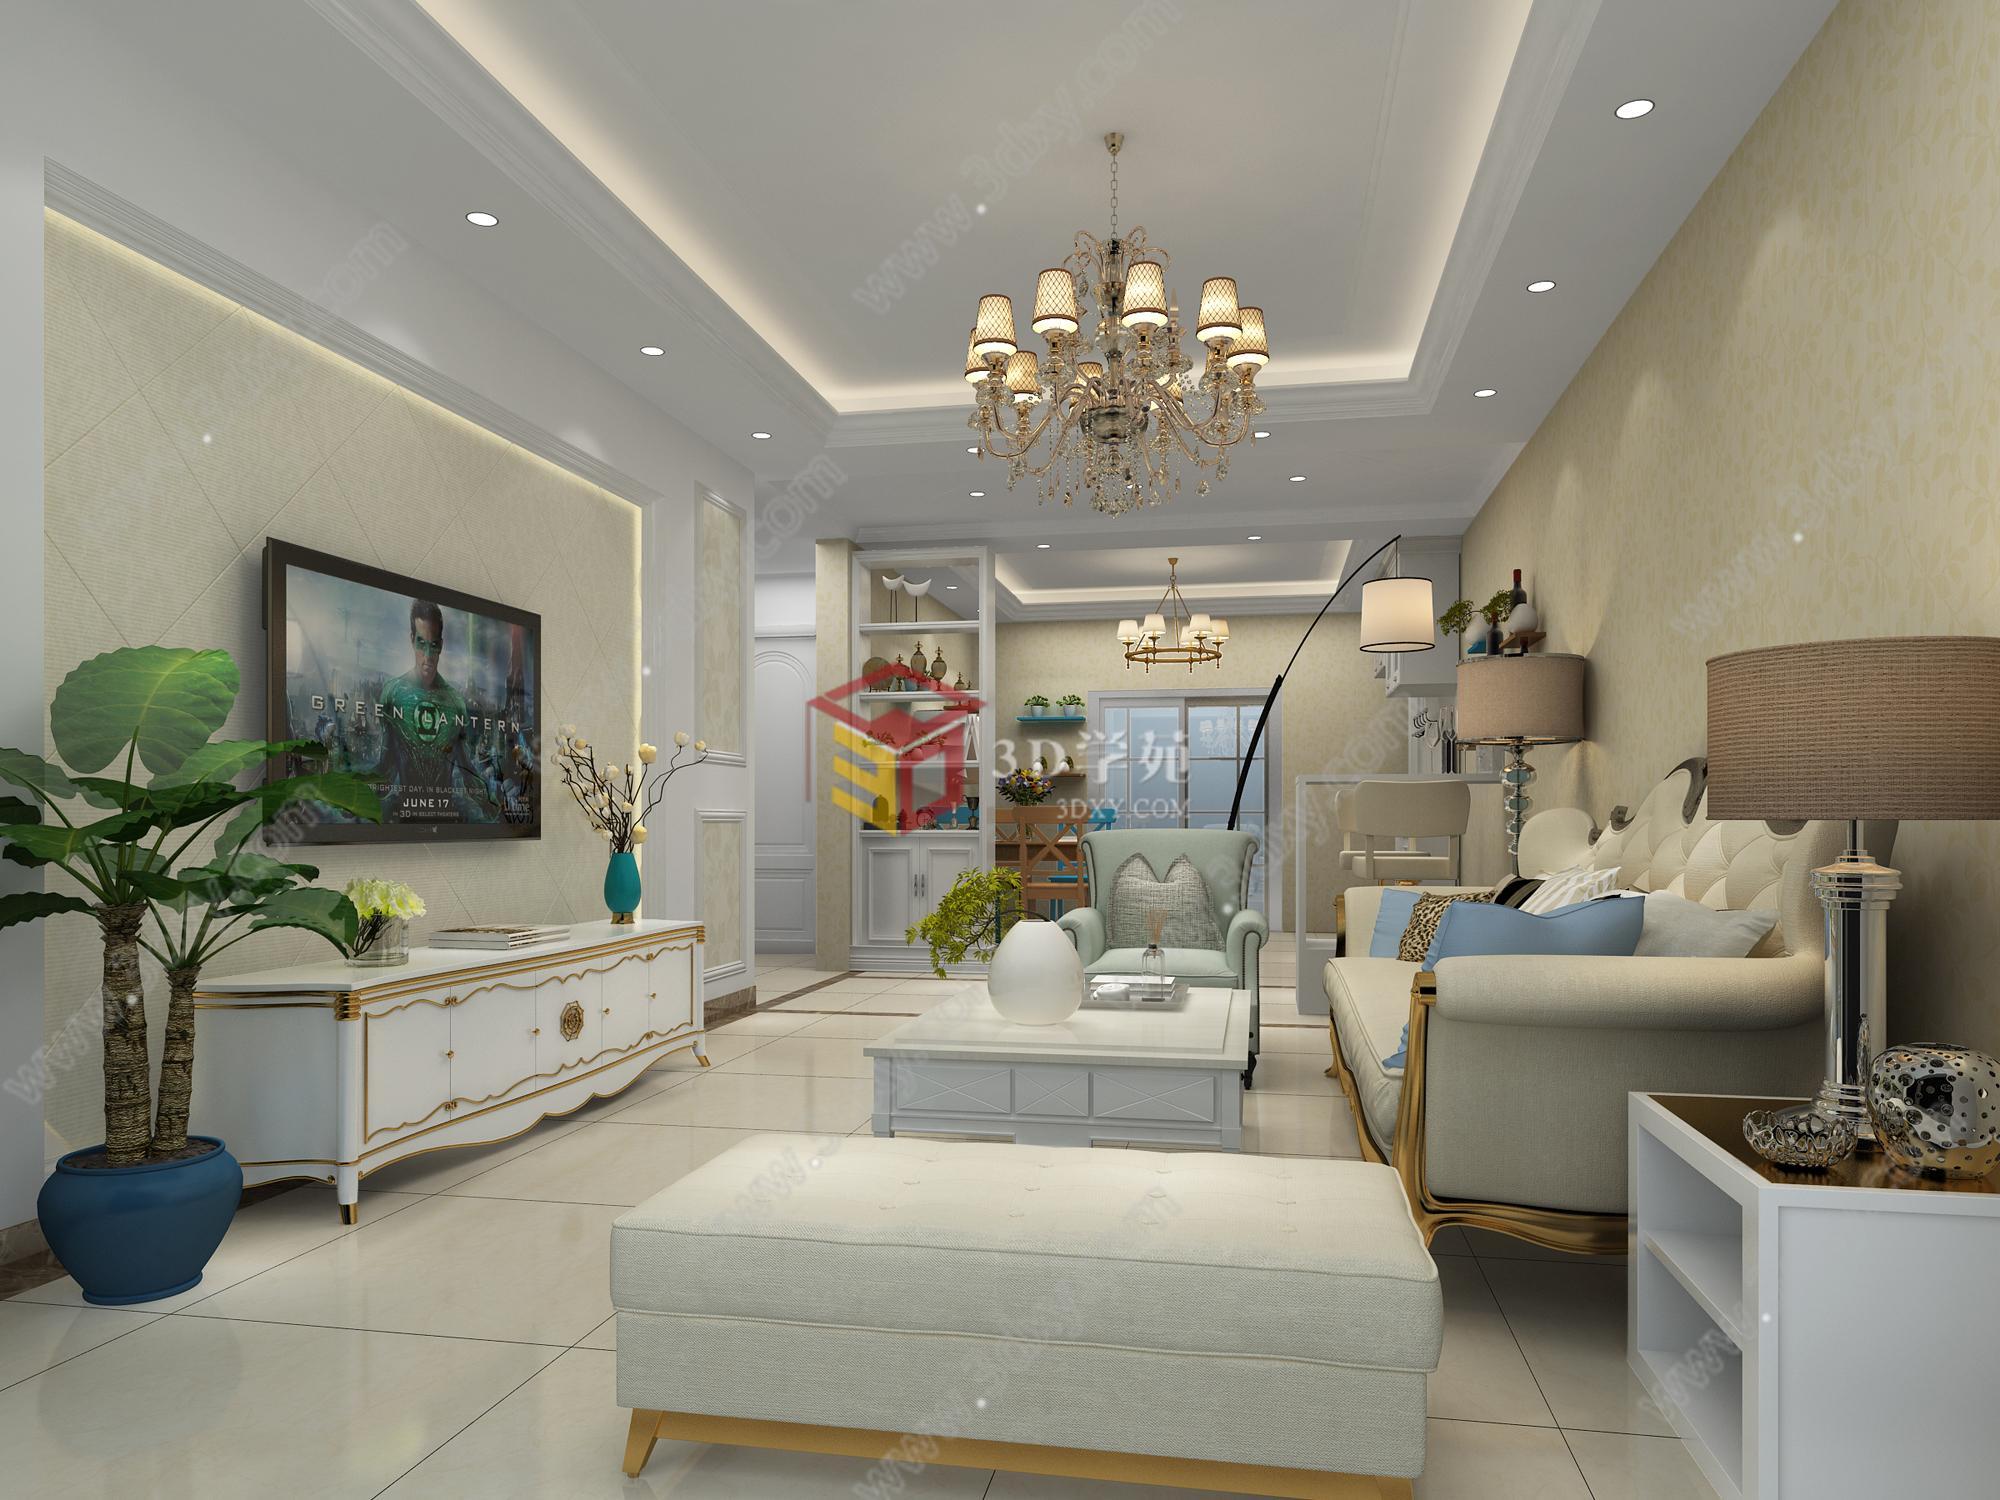 简欧式家装客厅装饰设计整体模型详情